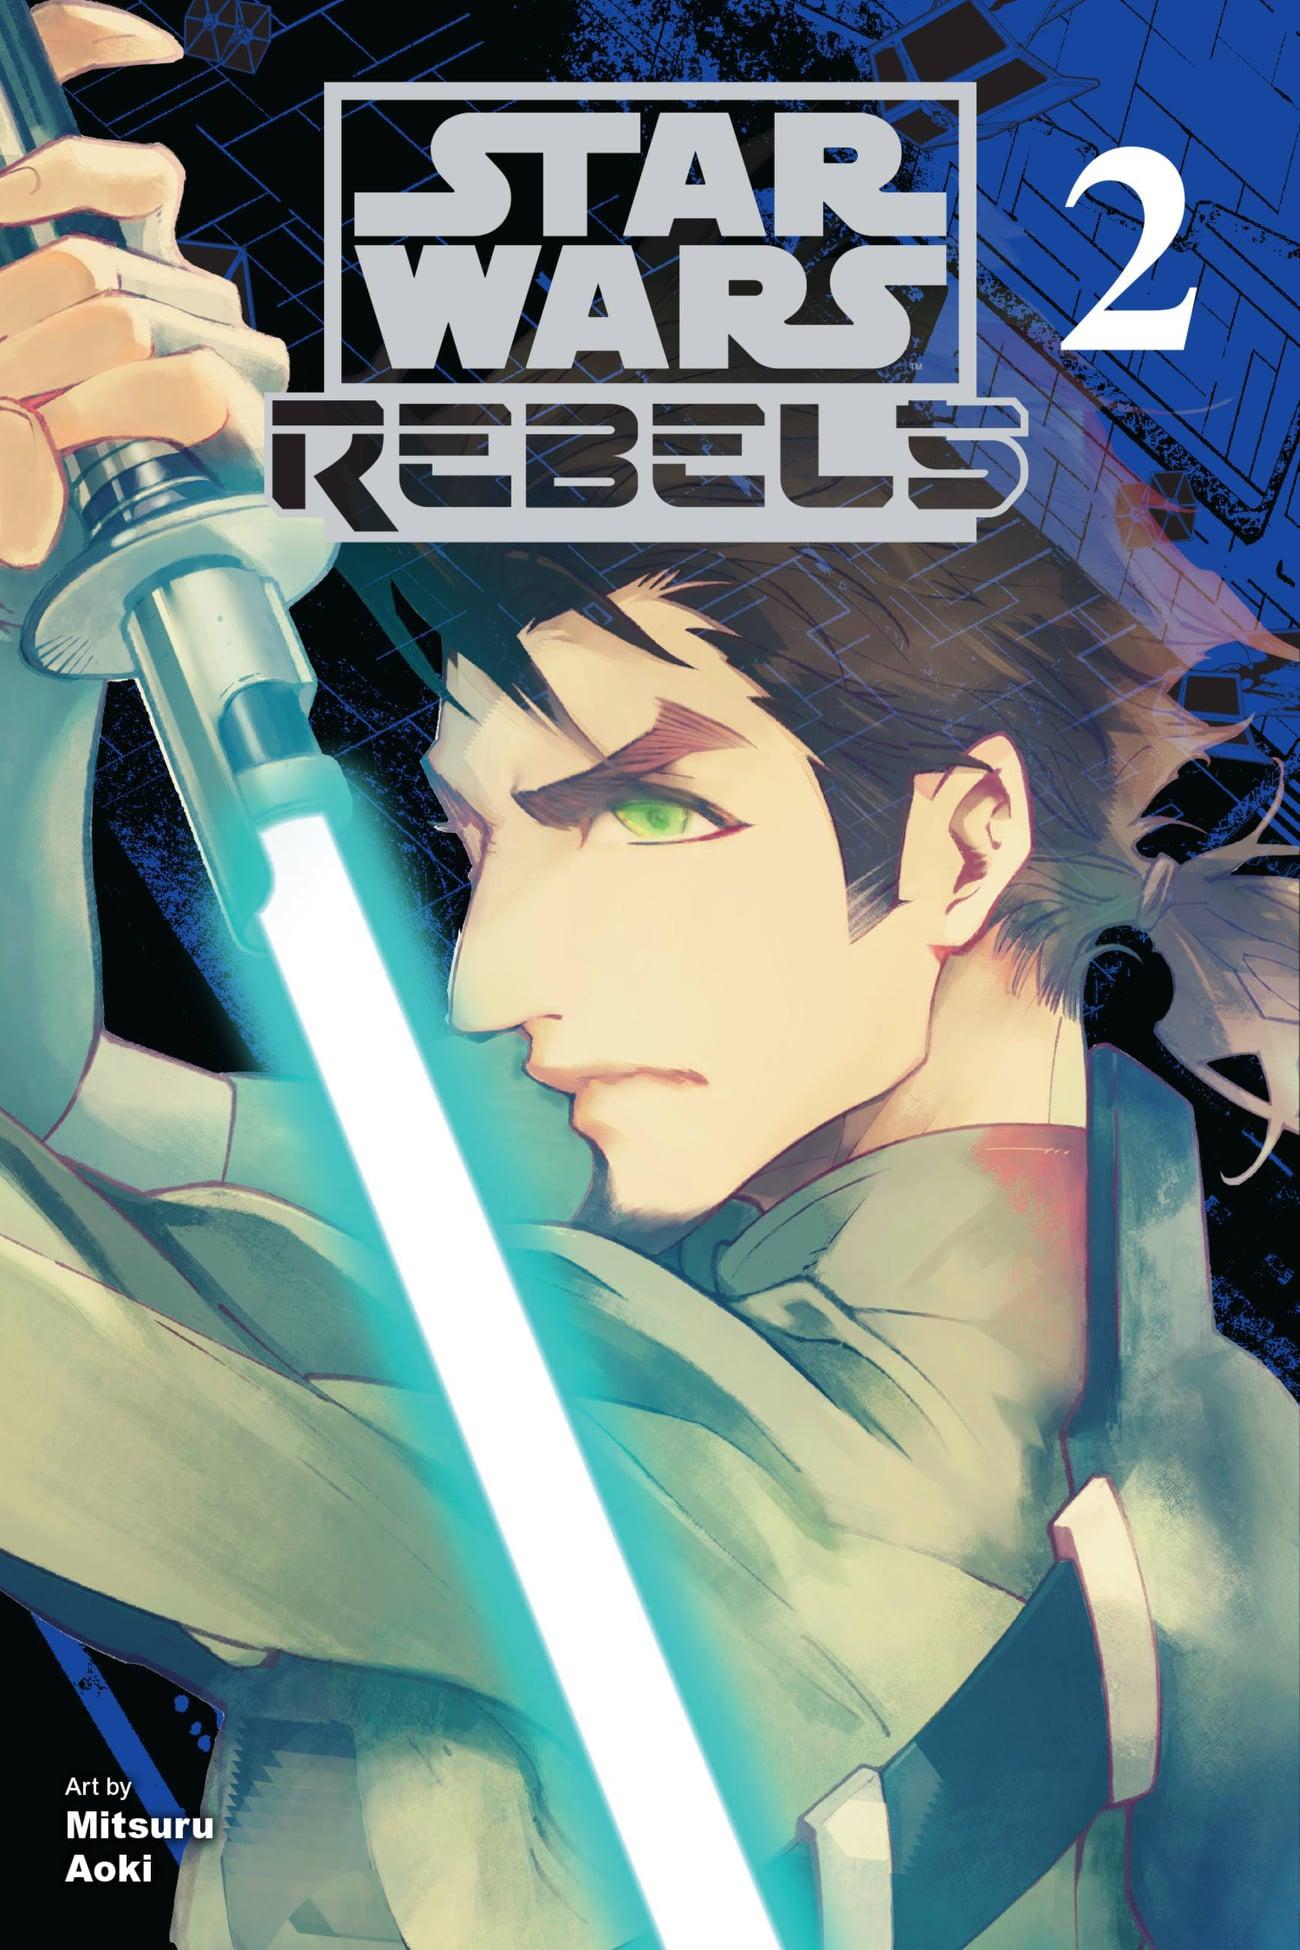 Star Wars Rebels Volume 2 (manga)